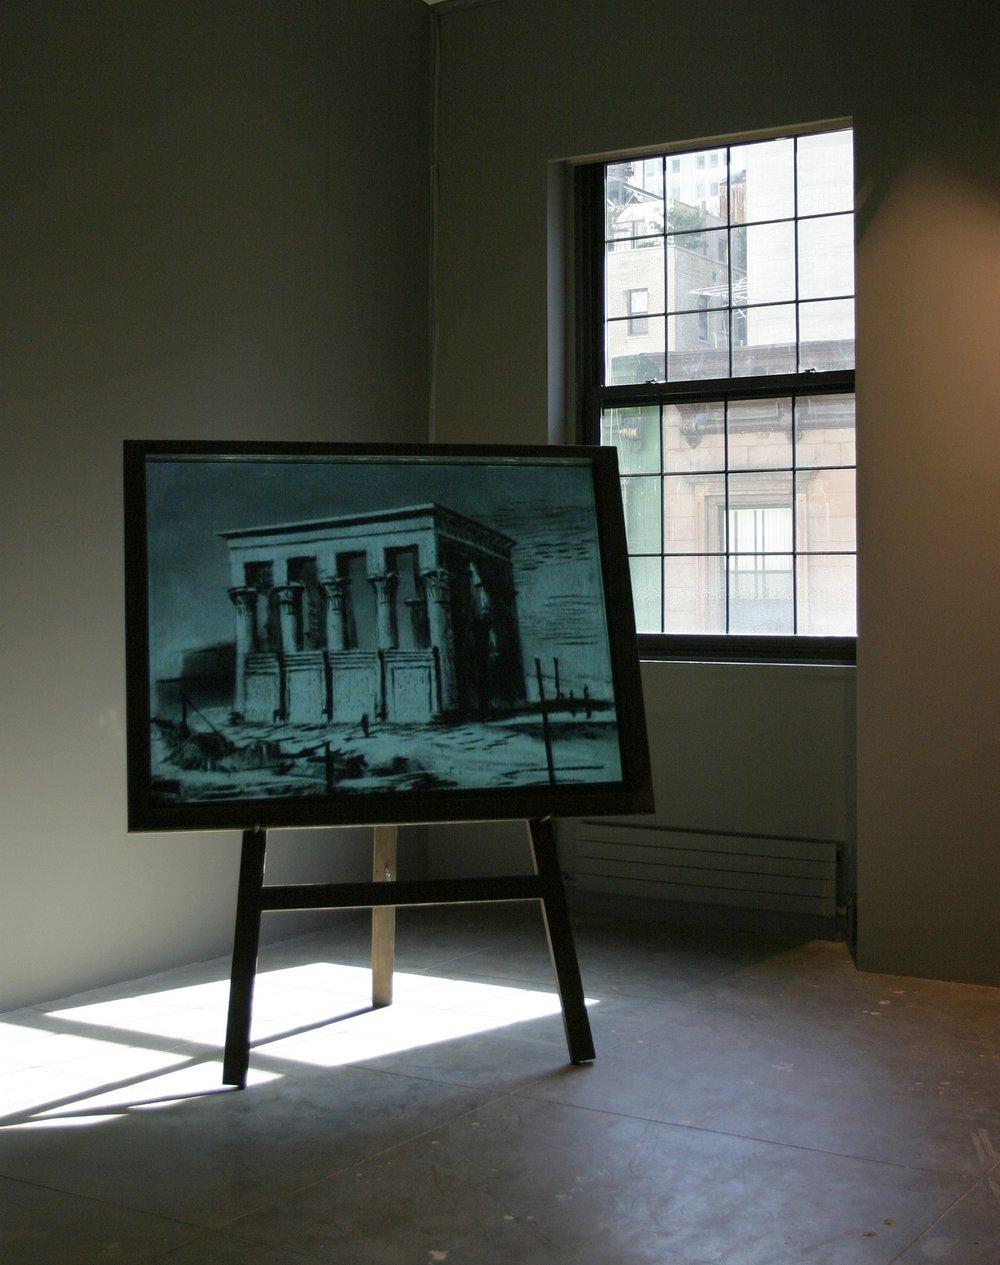 """威廉·肯特里奇 2003 年的电影《长笛课》与他绝大多数以歌剧为主题的作品相似,同样呈现为一种视觉上的准备过程。这部影片中讲述了莫扎特的歌剧《魔笛》,它于 2005 年首次在比 利时皇家歌剧院上演。《长笛课》是典型的肯特里奇作品,利用纸上的炭笔画、随后擦除的过 程以及定格动画来讲述故事。拍摄《长笛课》""""是为了寻找歌剧的视觉语言,""""肯特里奇写道: """"它的形式,以及画面中的黑板是给定的,但是白纸上的炭笔画呈现在胶片的正片和底片上时, 却表现出了黑板上粉笔画的效果,而这就属于我的探索。"""" As with most of William Kentridge's opera themed works, the 2003 film Learning the Flute was visual preparation. In this case, the production was Mozart's The Magic Flute, which premiered in 2005 at the Royal Opera House in Belgium. The film is characteristically Kentridge, using charcoal drawings on paper, subsequent erasures, and stop-motion animation to tell a story. Learning the Flute """"was made to find the visual language for the opera,"""" writes Kentridge. """"The form, the blackboard, was the given; the photographic positive and negative of the black drawing on white paper, reversed to produce white chalk drawings on the blackboard, was the discovery.""""  Learning the Flute, 2003, 35mm film transferred to video, blackboard, easel, 8 minutes, 2 seconds, Blackboard: 63×51-1/4 in. / 160×130cm, Easel: 74-7/8×27-1/2 in./190×70, Courtesy: Marian Goodman Gallery, New York 《学长笛》, 2003年,35毫米电影转成录像,8分钟2秒,John Berens版权所有,艺术家和Marian Goodman画廊提供图片"""